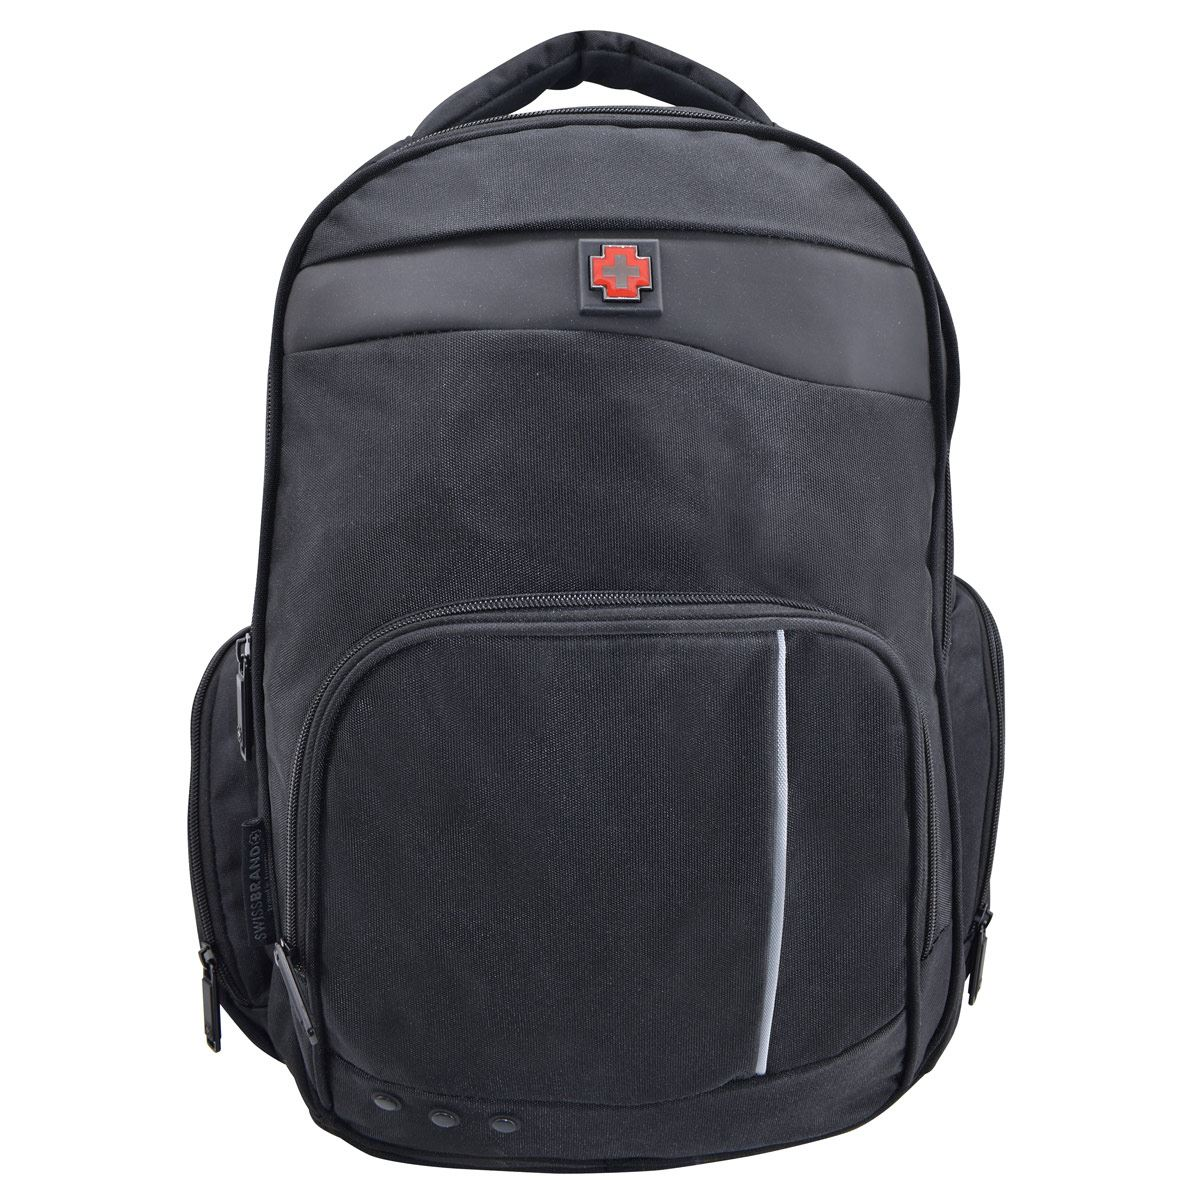 BackPack Swissbrand negra SBX00445A